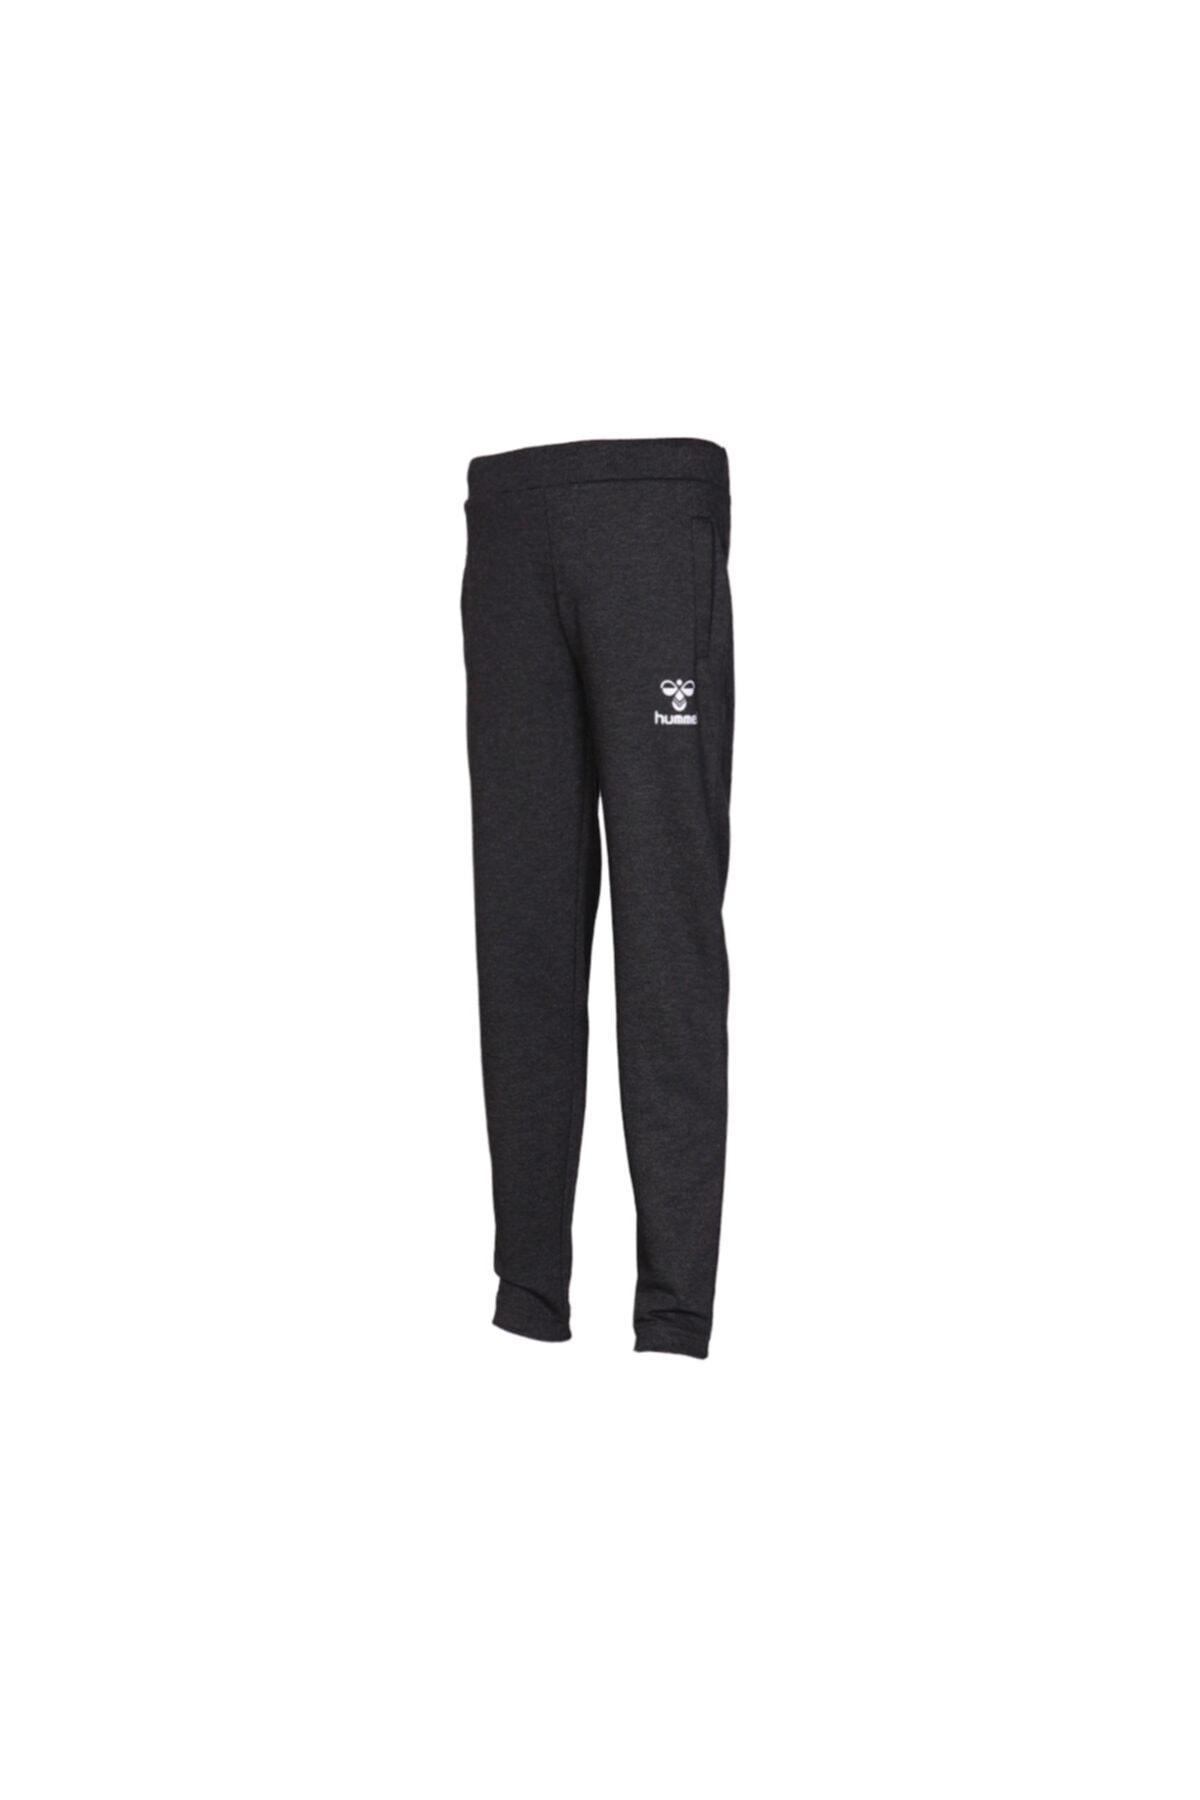 HUMMEL Spor Pantolon 1